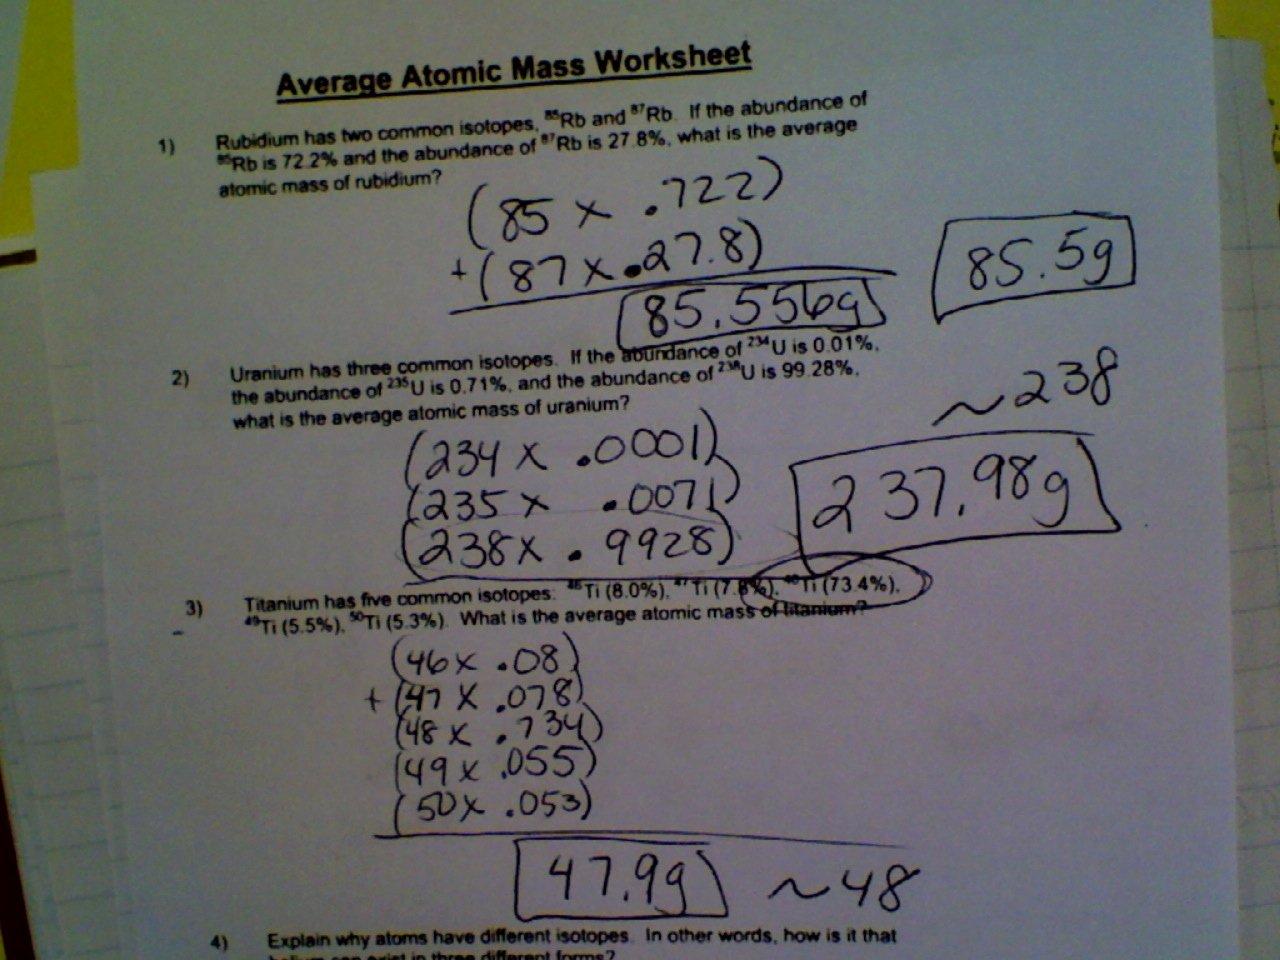 Calculating Average atomic Mass Worksheet Lovely Average atomic Mass Worksheet More